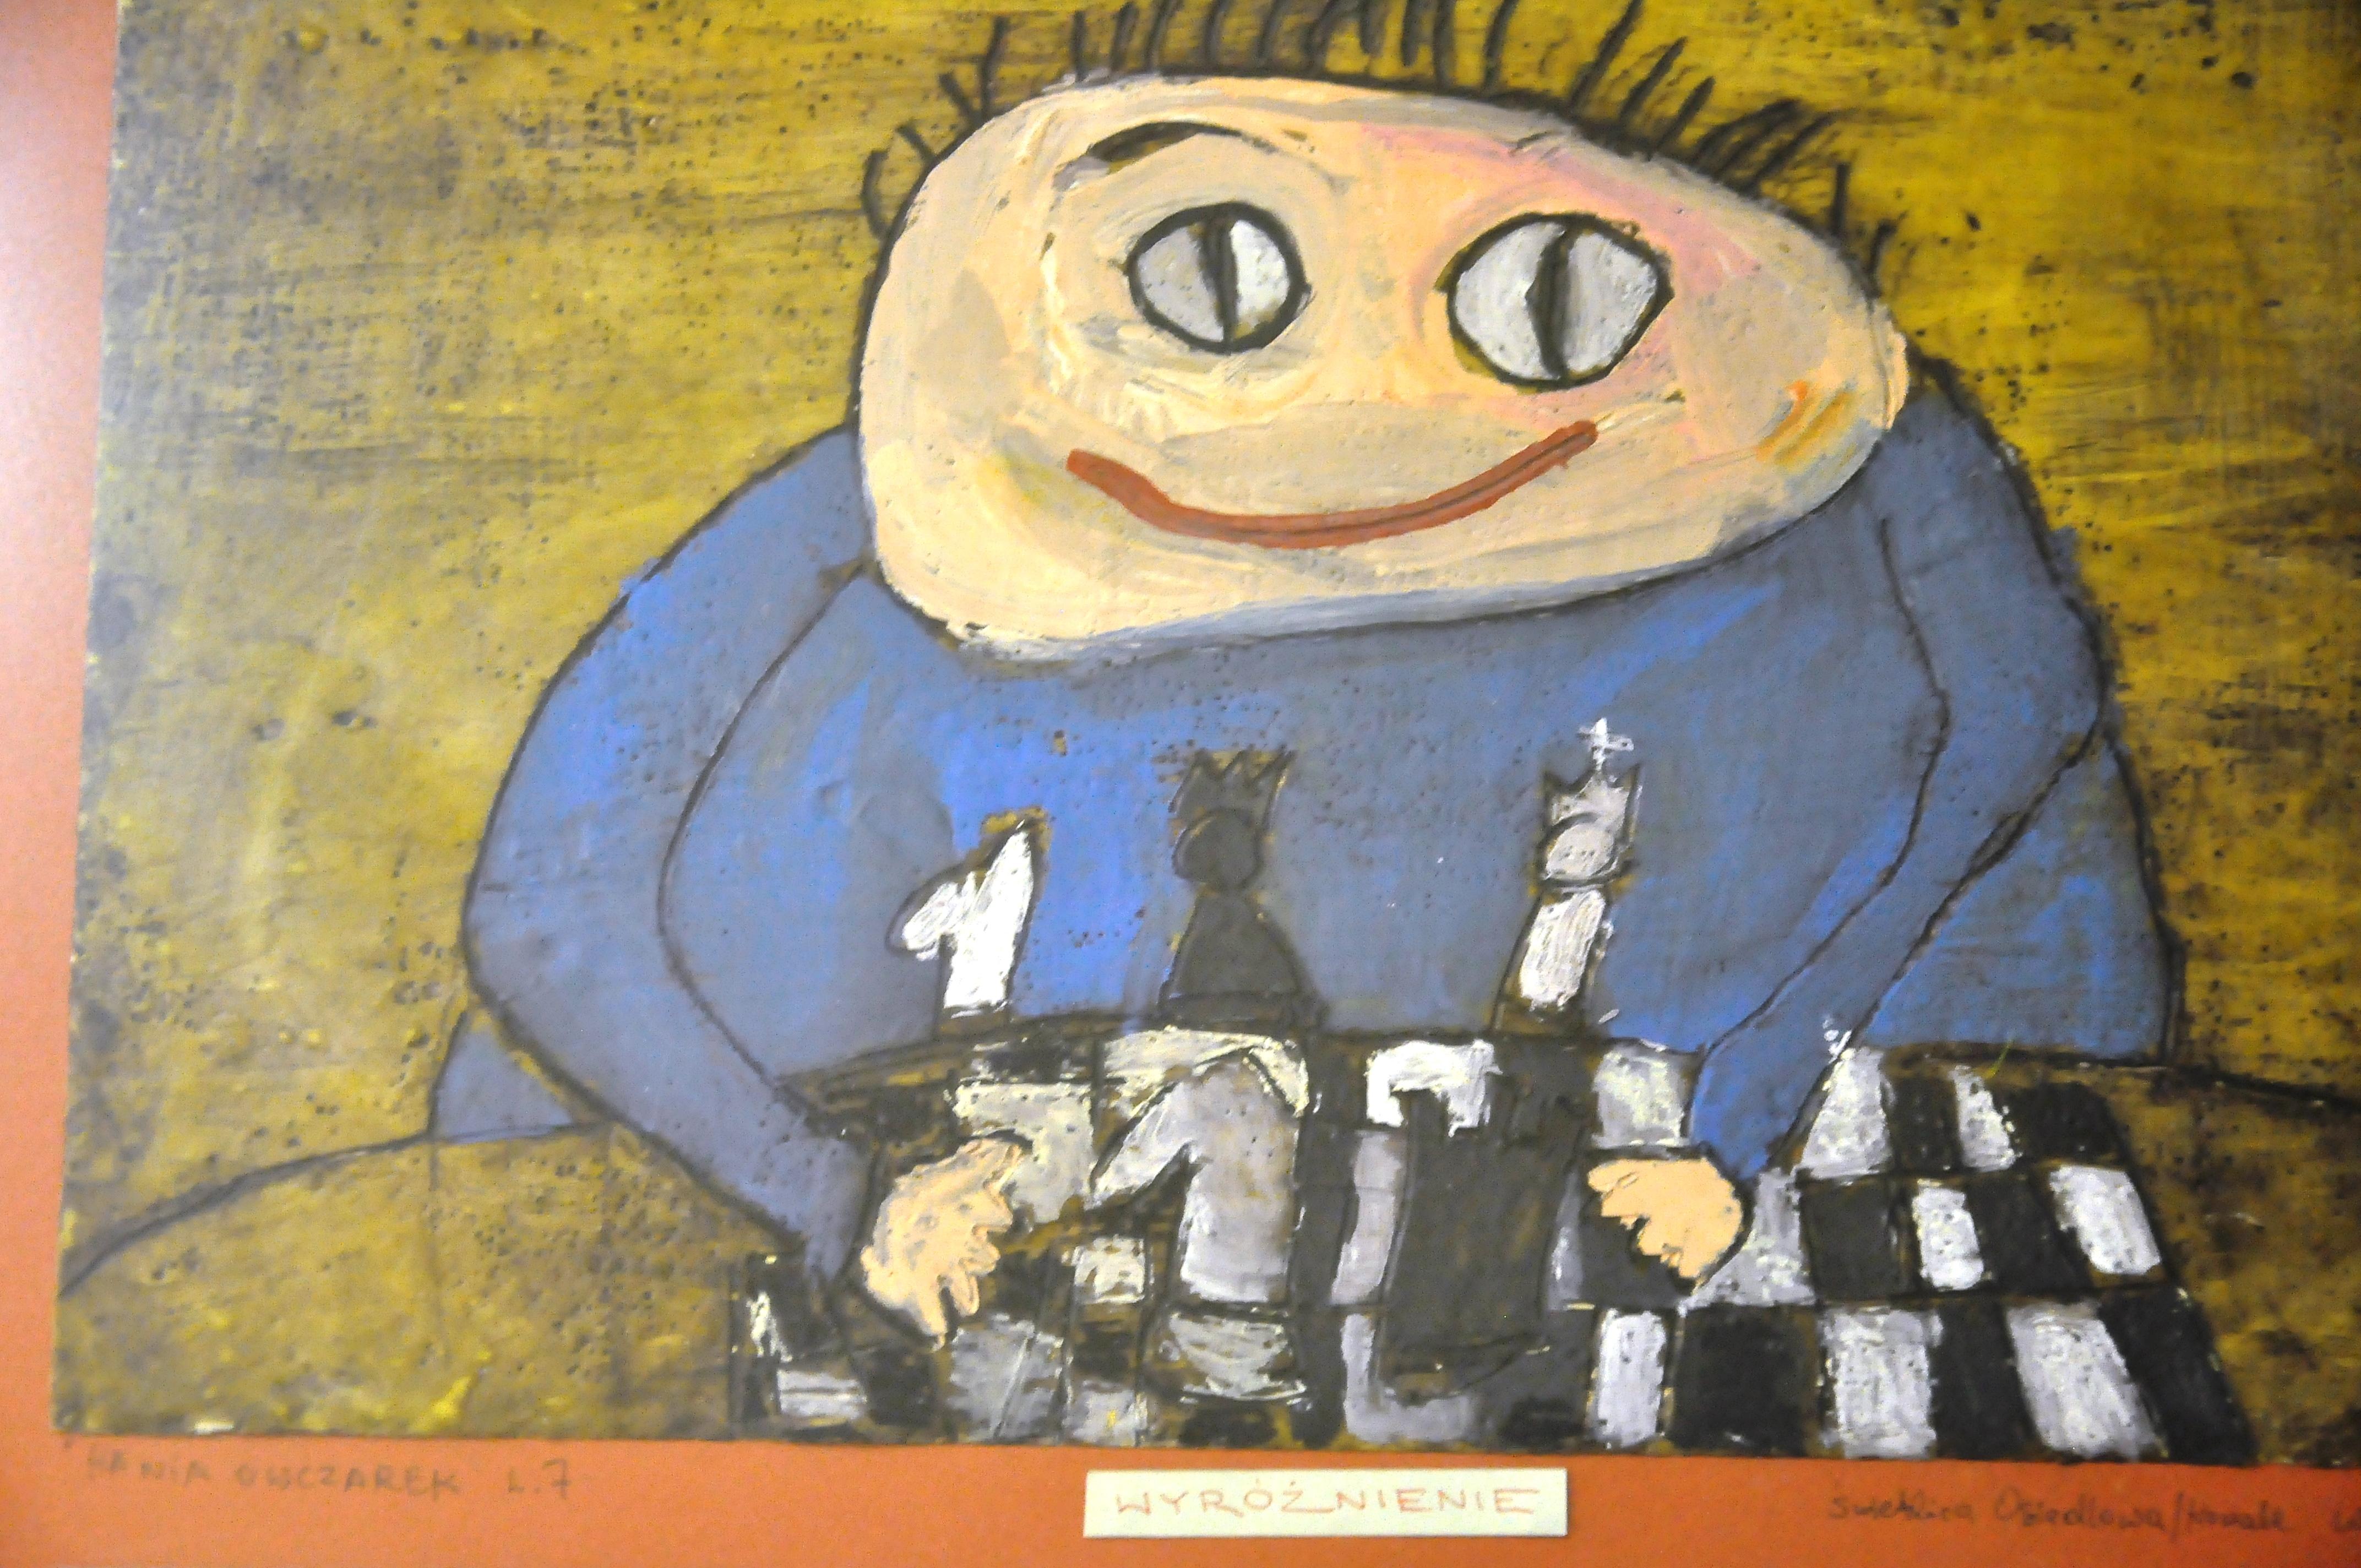 Rysunek - Hanna Owczarek. szachy